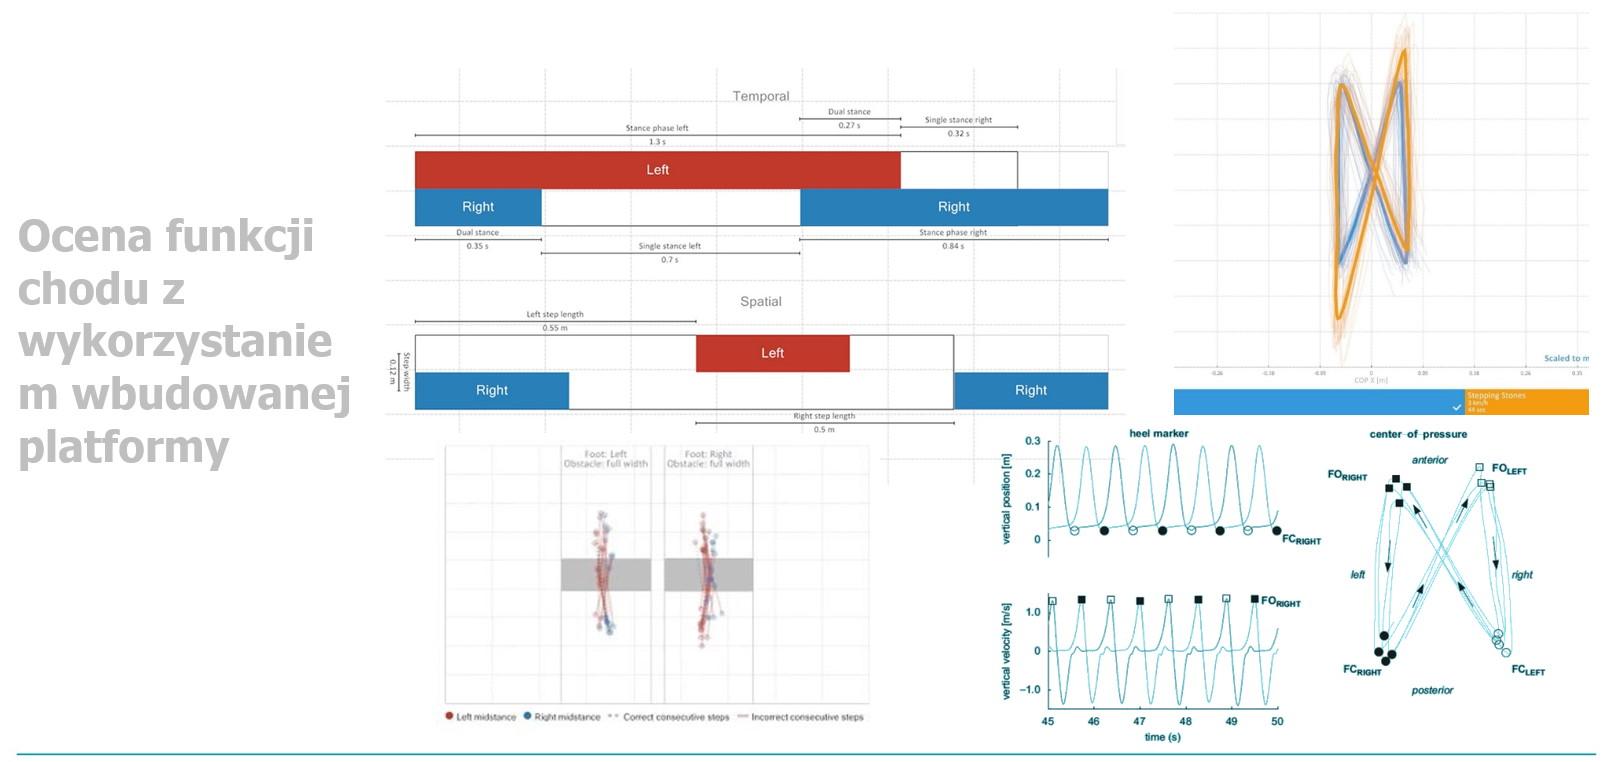 wykres przedstawiający ocenę funkcji chodu z wykorzystaniem wbudowanej platformy